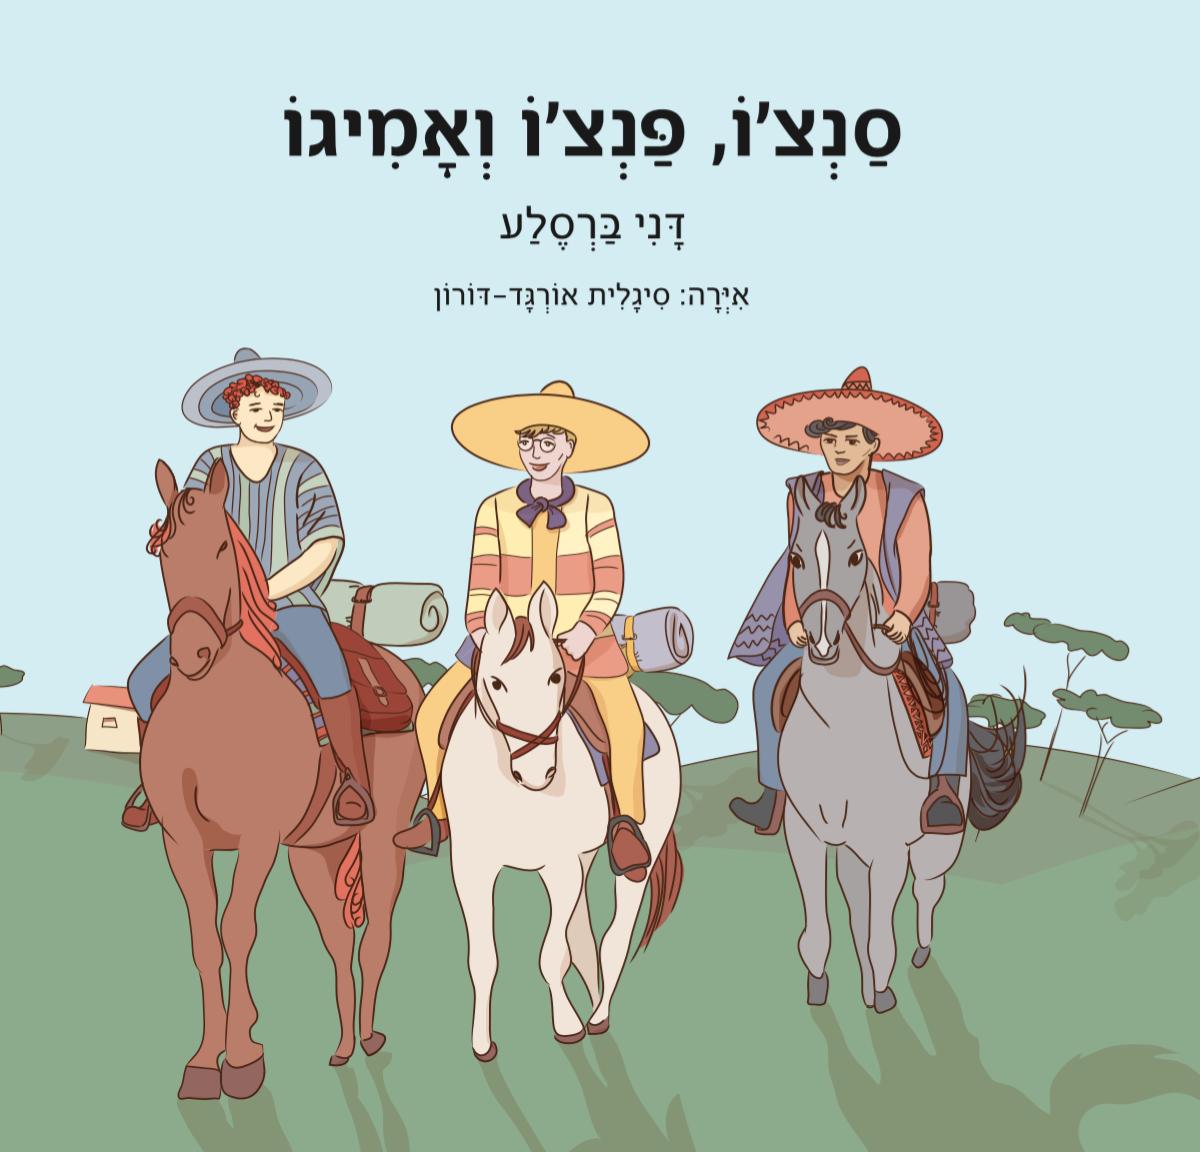 סנצ'ו פנצ'ו ואמיגו / דני ברסלע -  ראה אור בהוצאת הספרים של סטימצקי